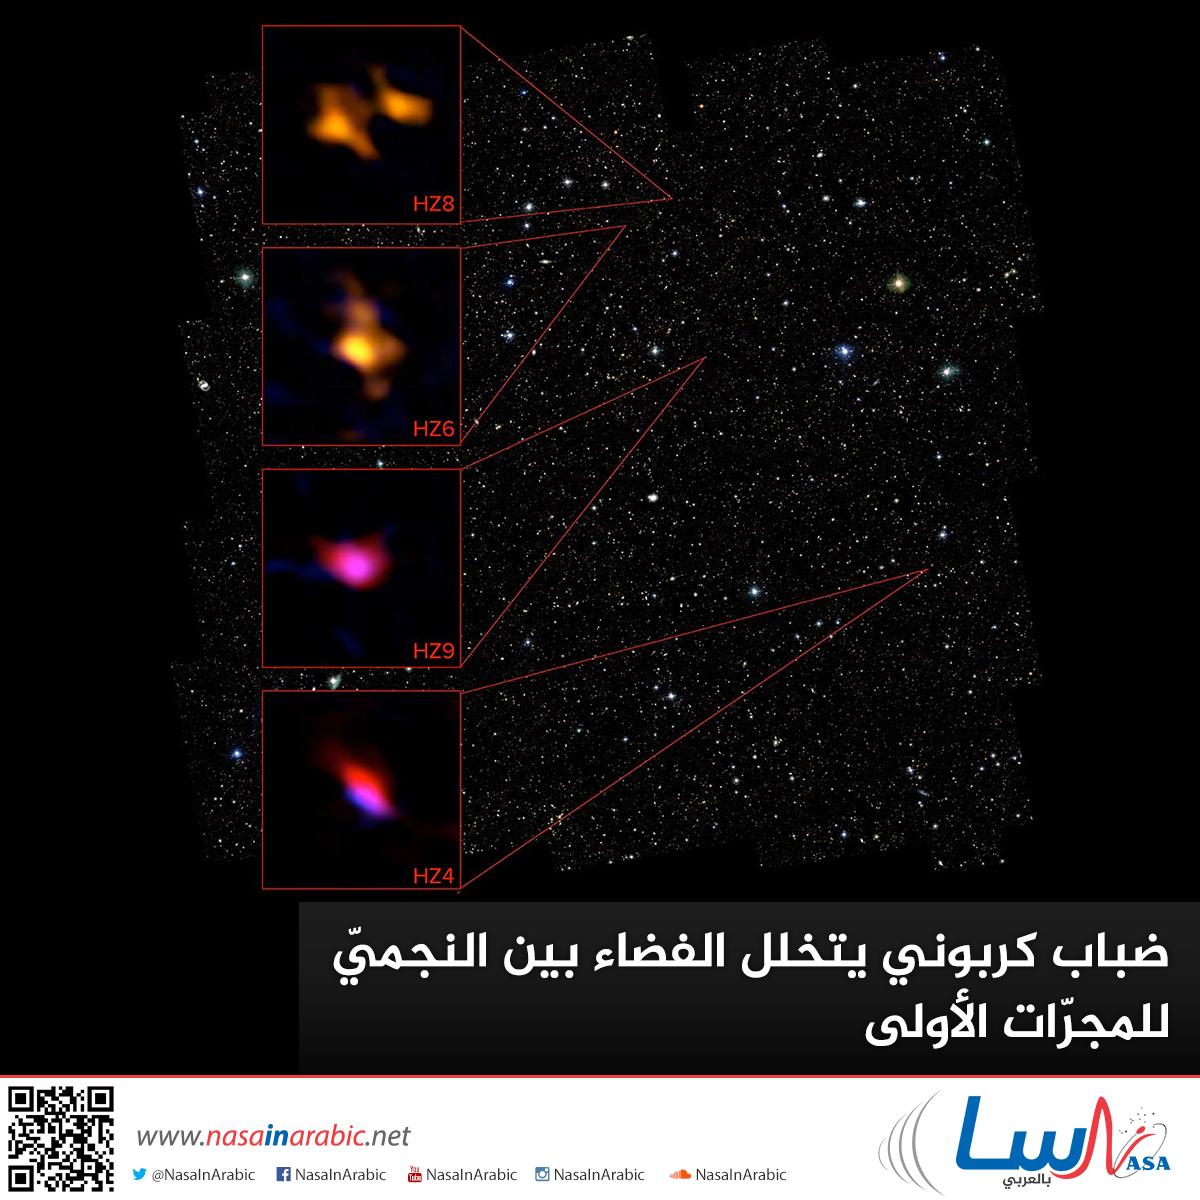 ضباب كربوني يتخلل الفضاء بين النجميّ للمجرّات الأولى